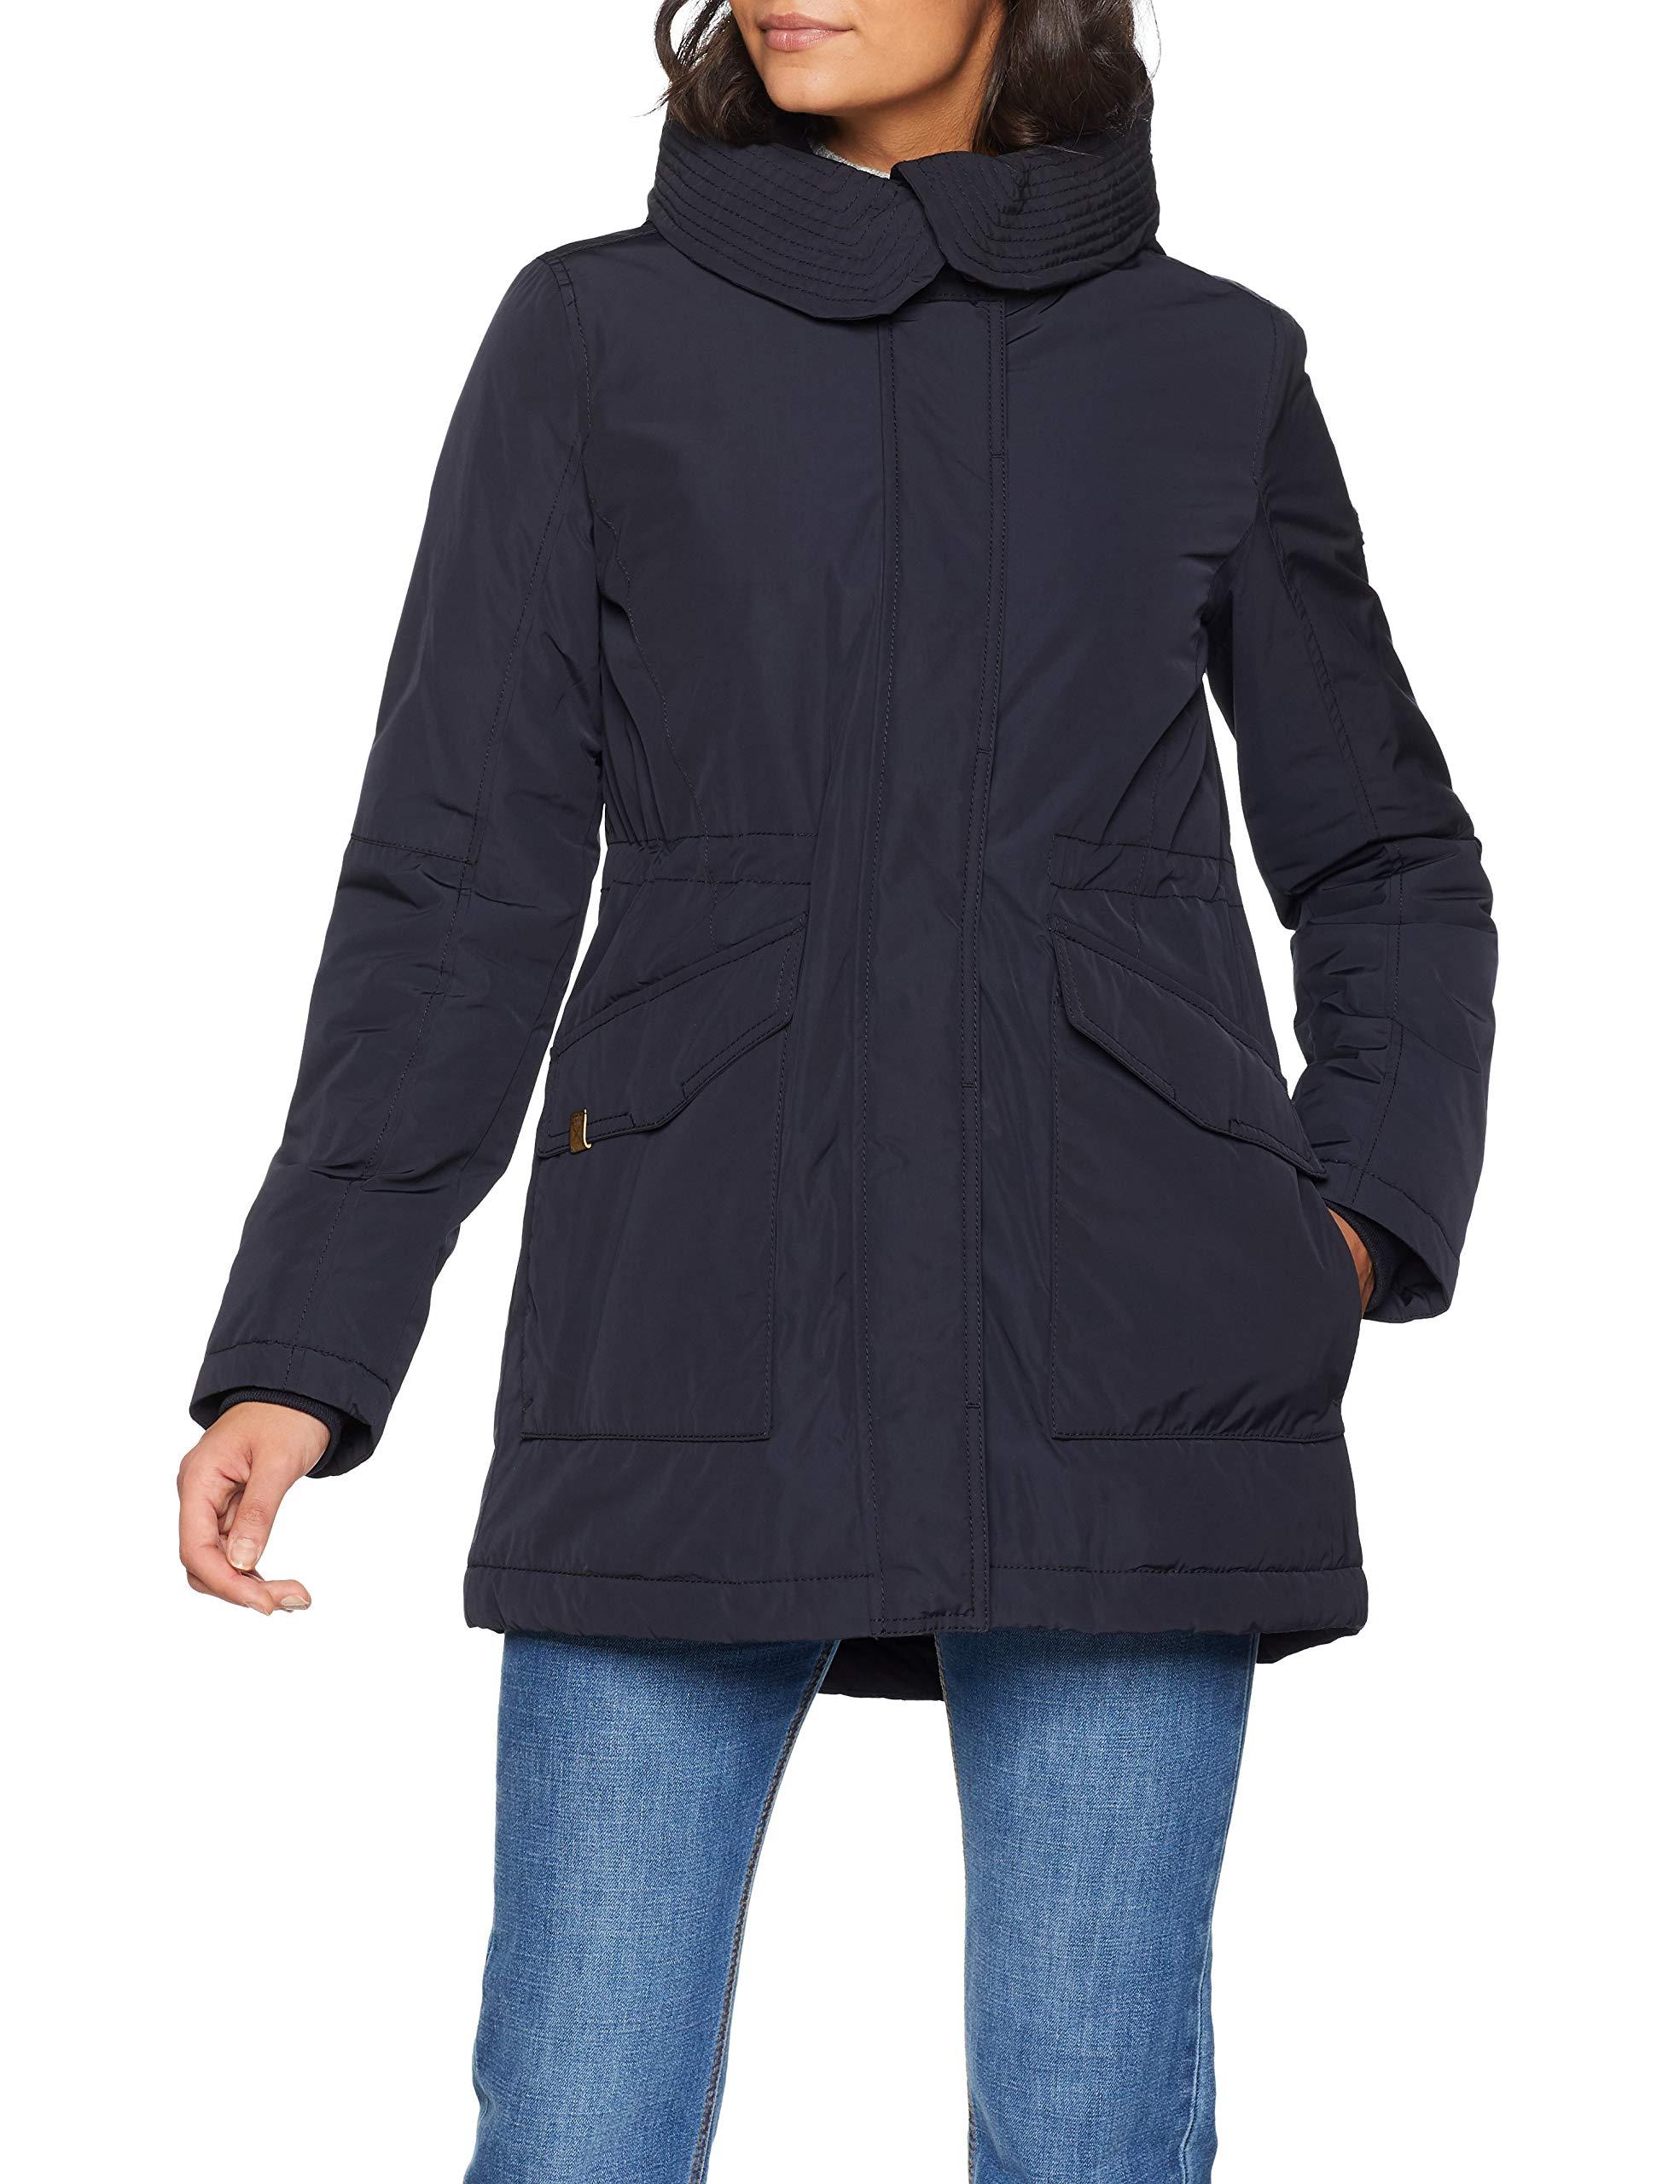 TAIFUN Damen Mantel Outerwear 3 850029 11716 Blau (Marine